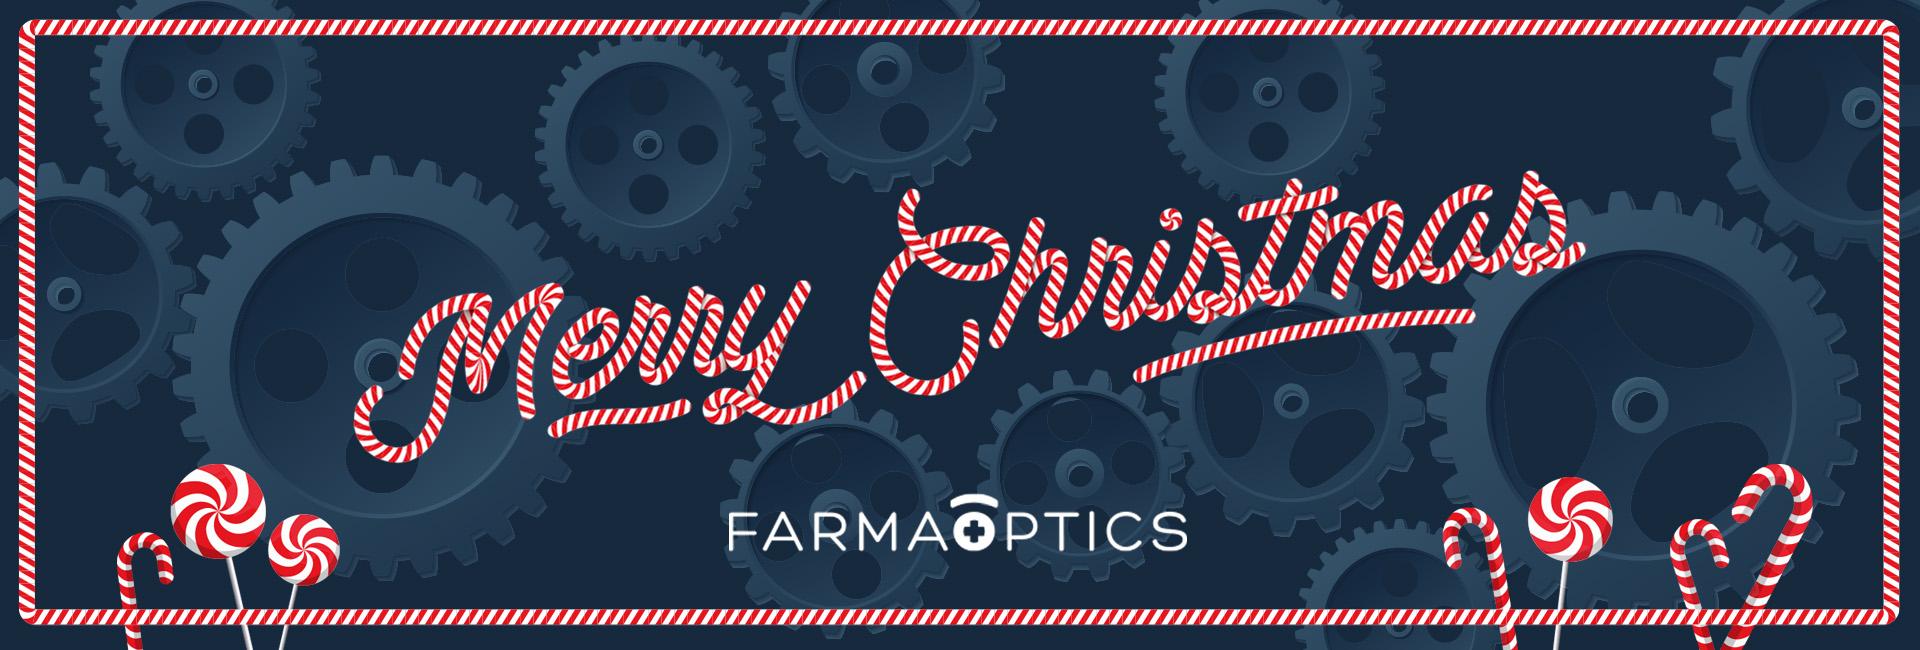 nadal farmaòptics 2019